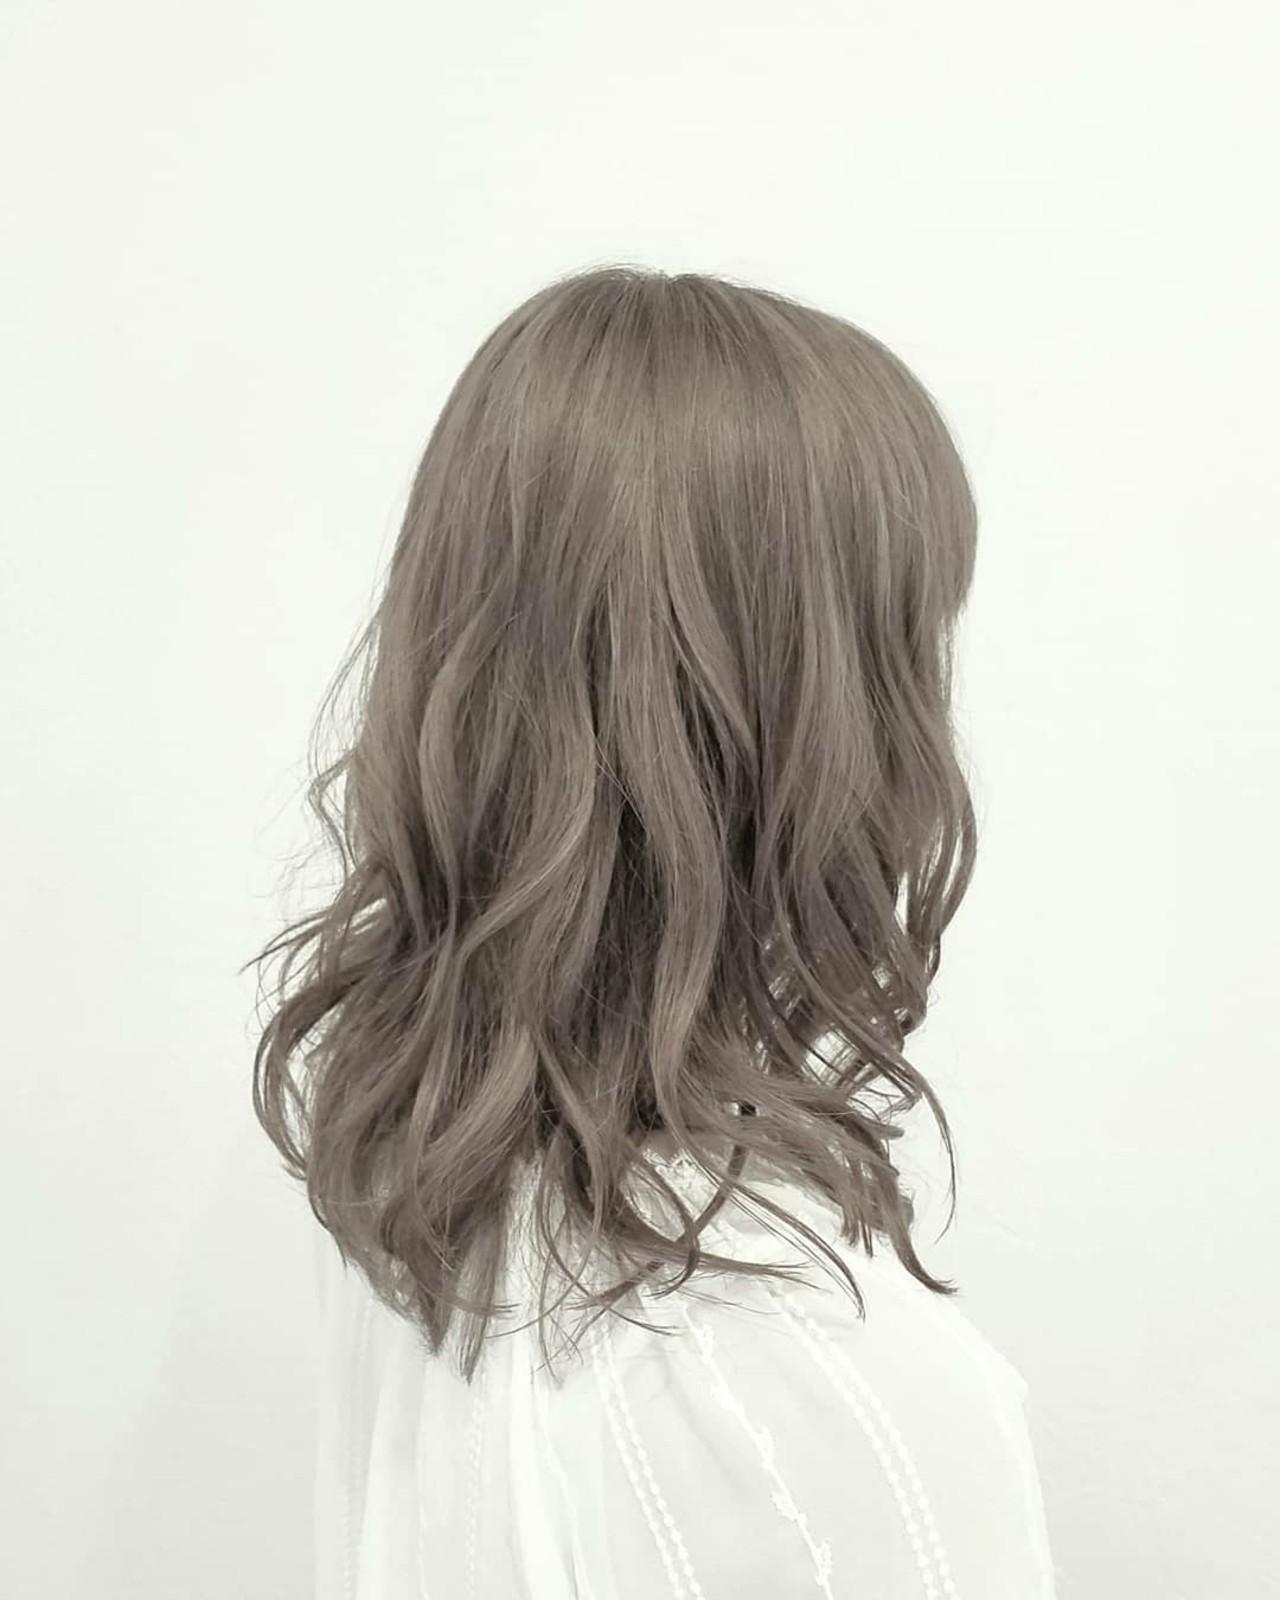 アッシュ ハイライト ハイトーン ミディアム ヘアスタイルや髪型の写真・画像 | 浅原 有輝 / rough